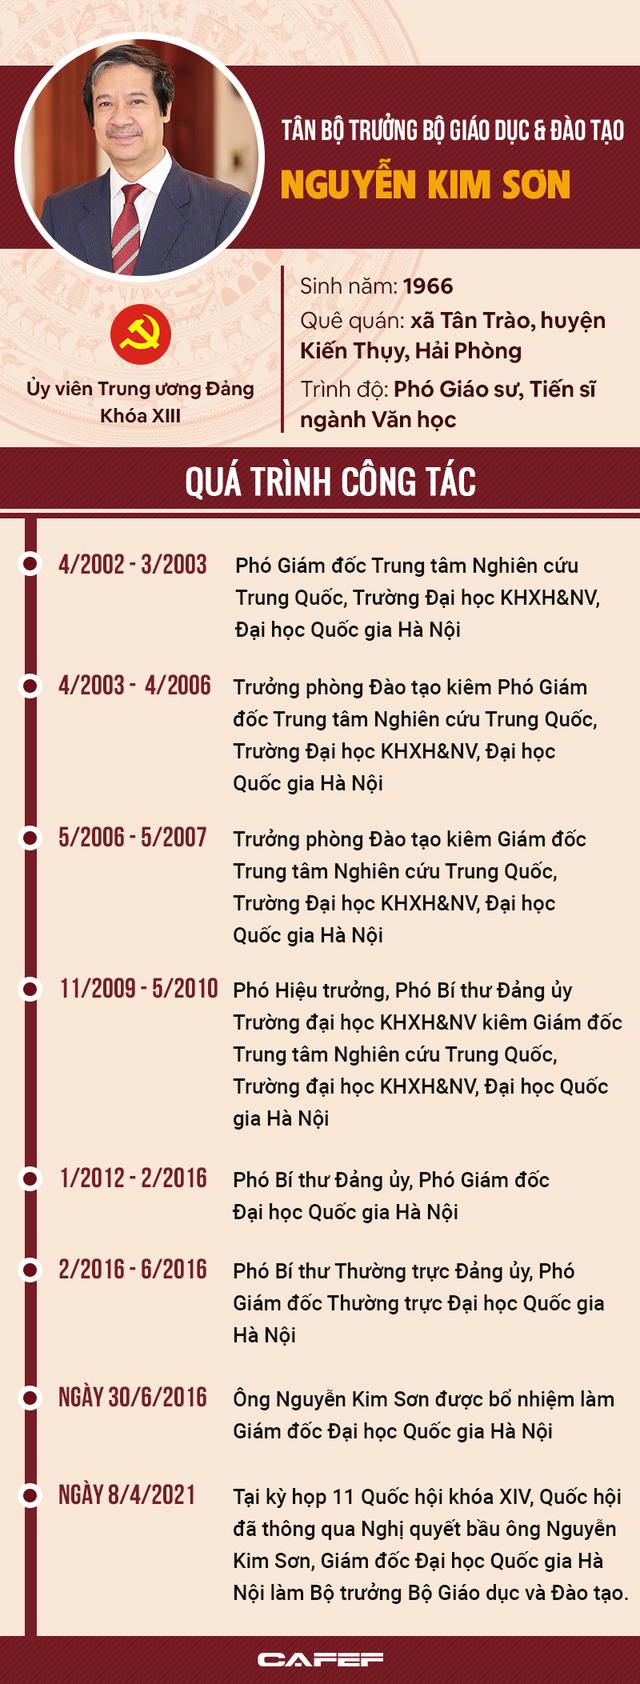 Chân dung tân Bộ trưởng Giáo dục và Đào tạo Nguyễn Kim Sơn - Ảnh 1.